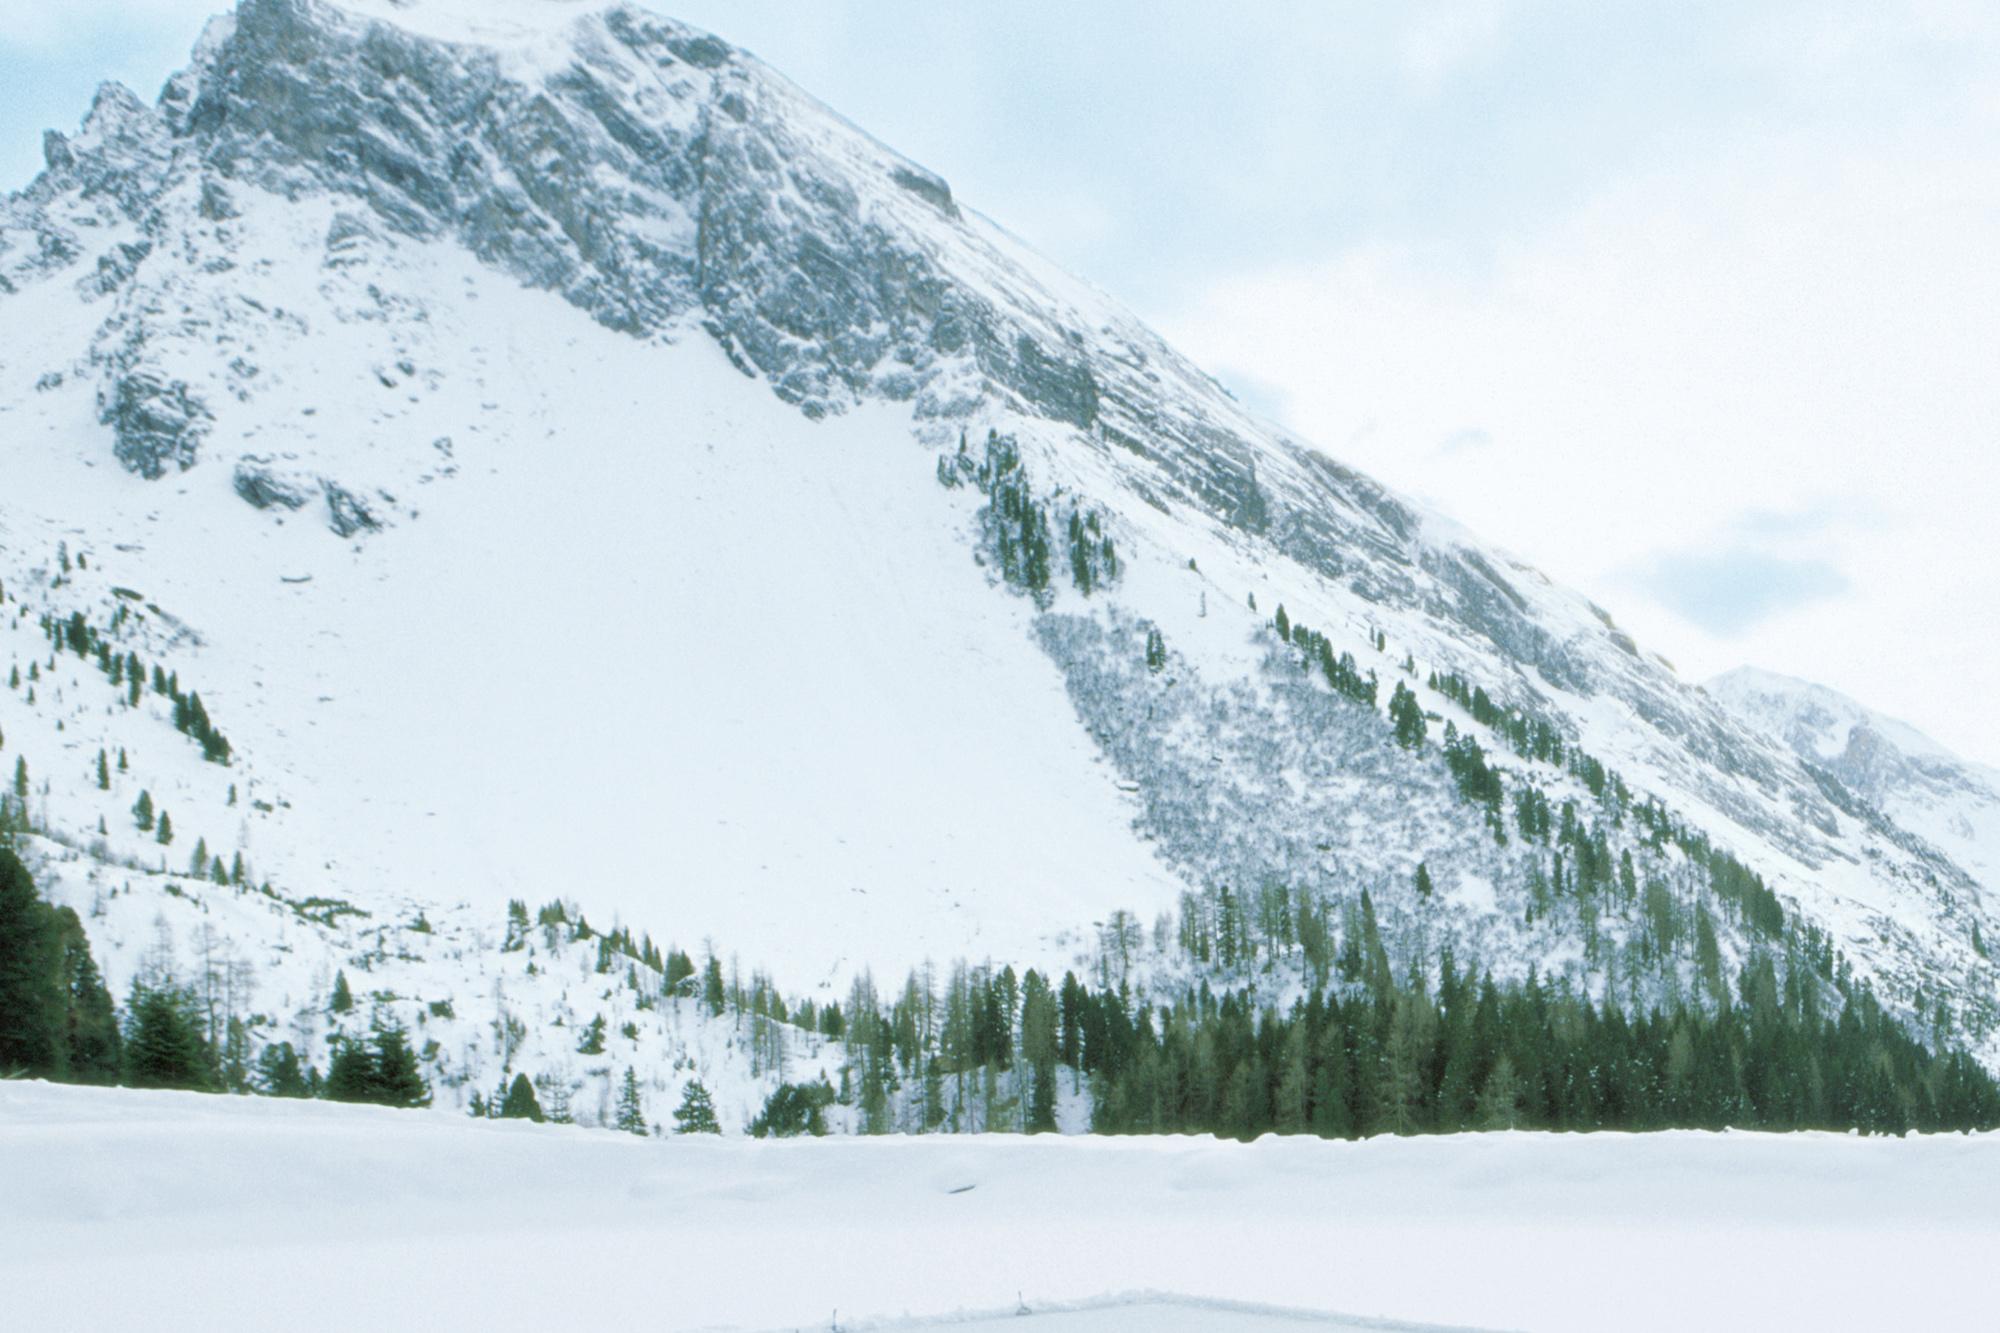 Skifahren über Weihnachten 2019.Winterurlaub Mit Kindern Familien Skiurlaub Mit Tui Tui Com